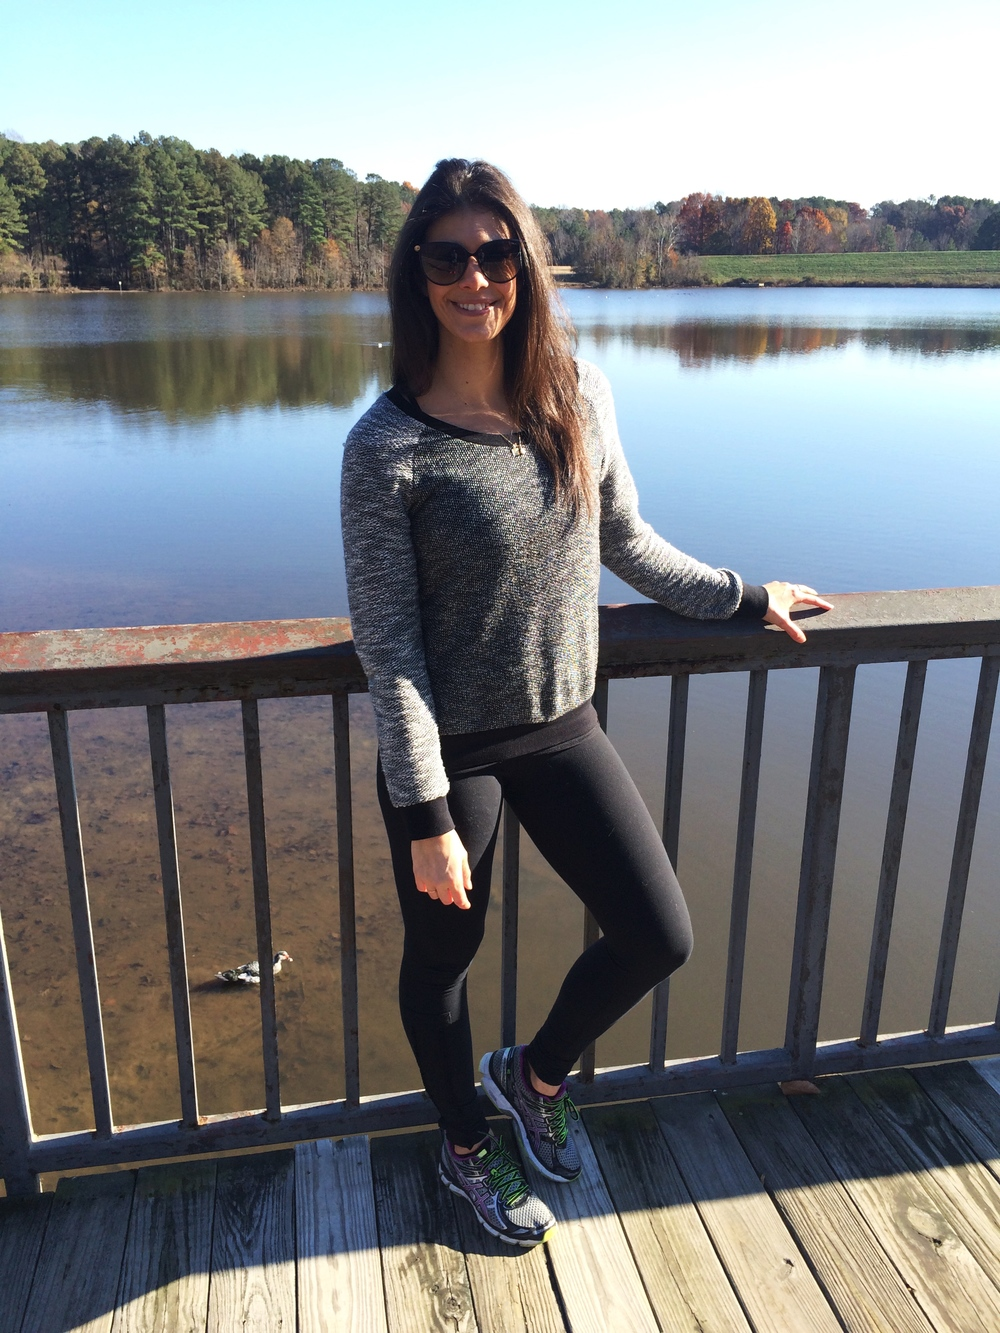 LaurenSchwaiger-Blog-ShelleyLake-Raleigh.jpg